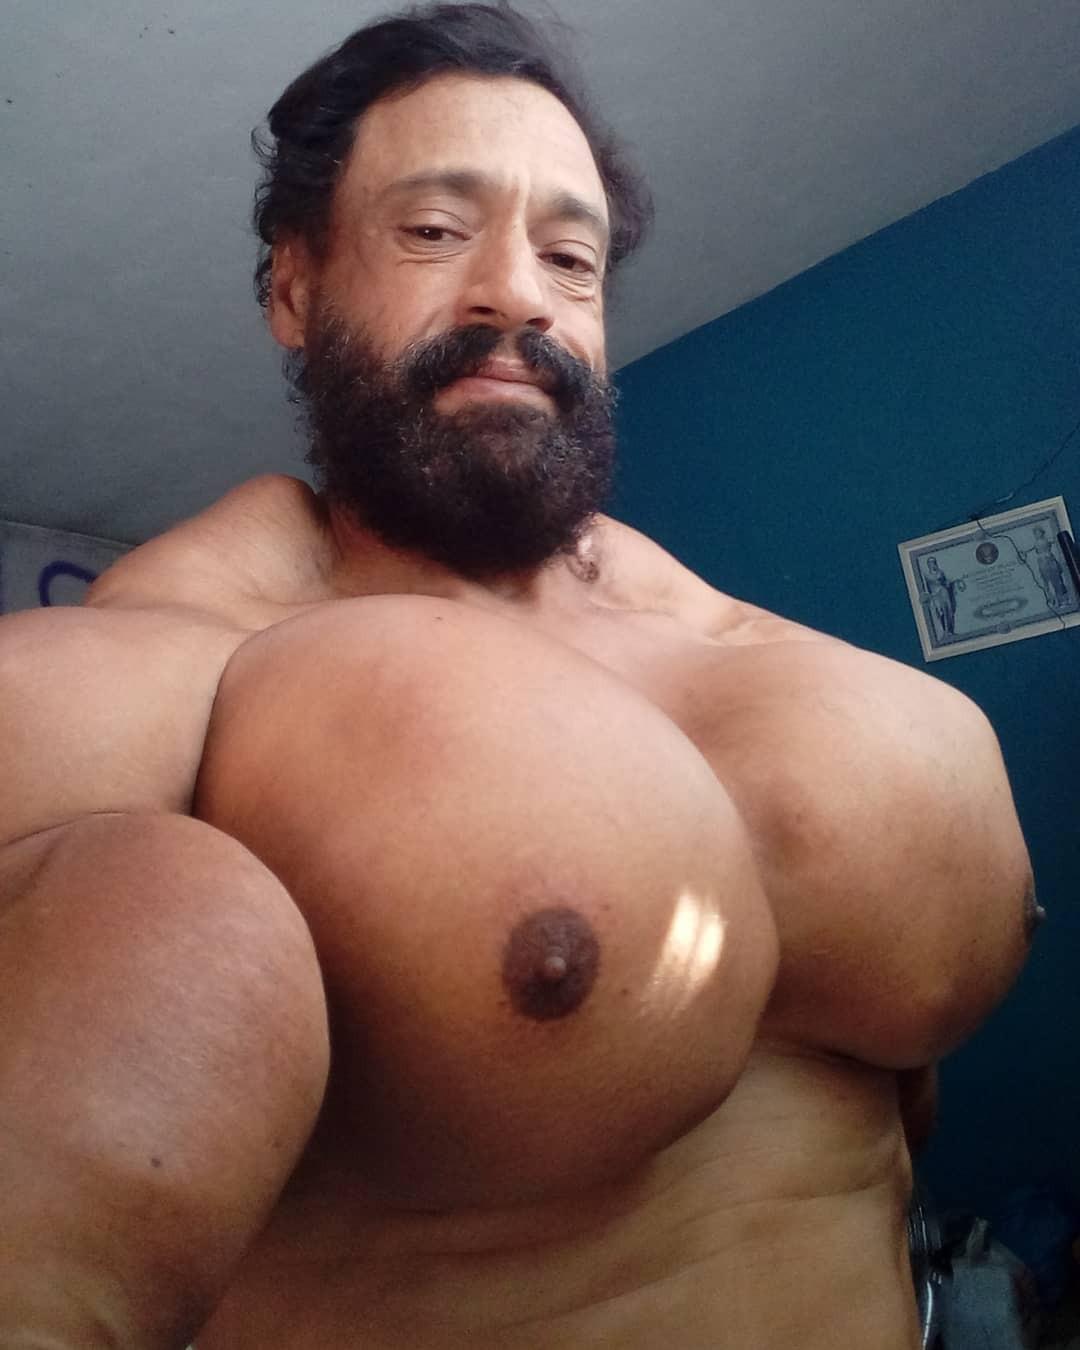 Este homem quer virar o Hulk injetando óleo no corpo - GQ